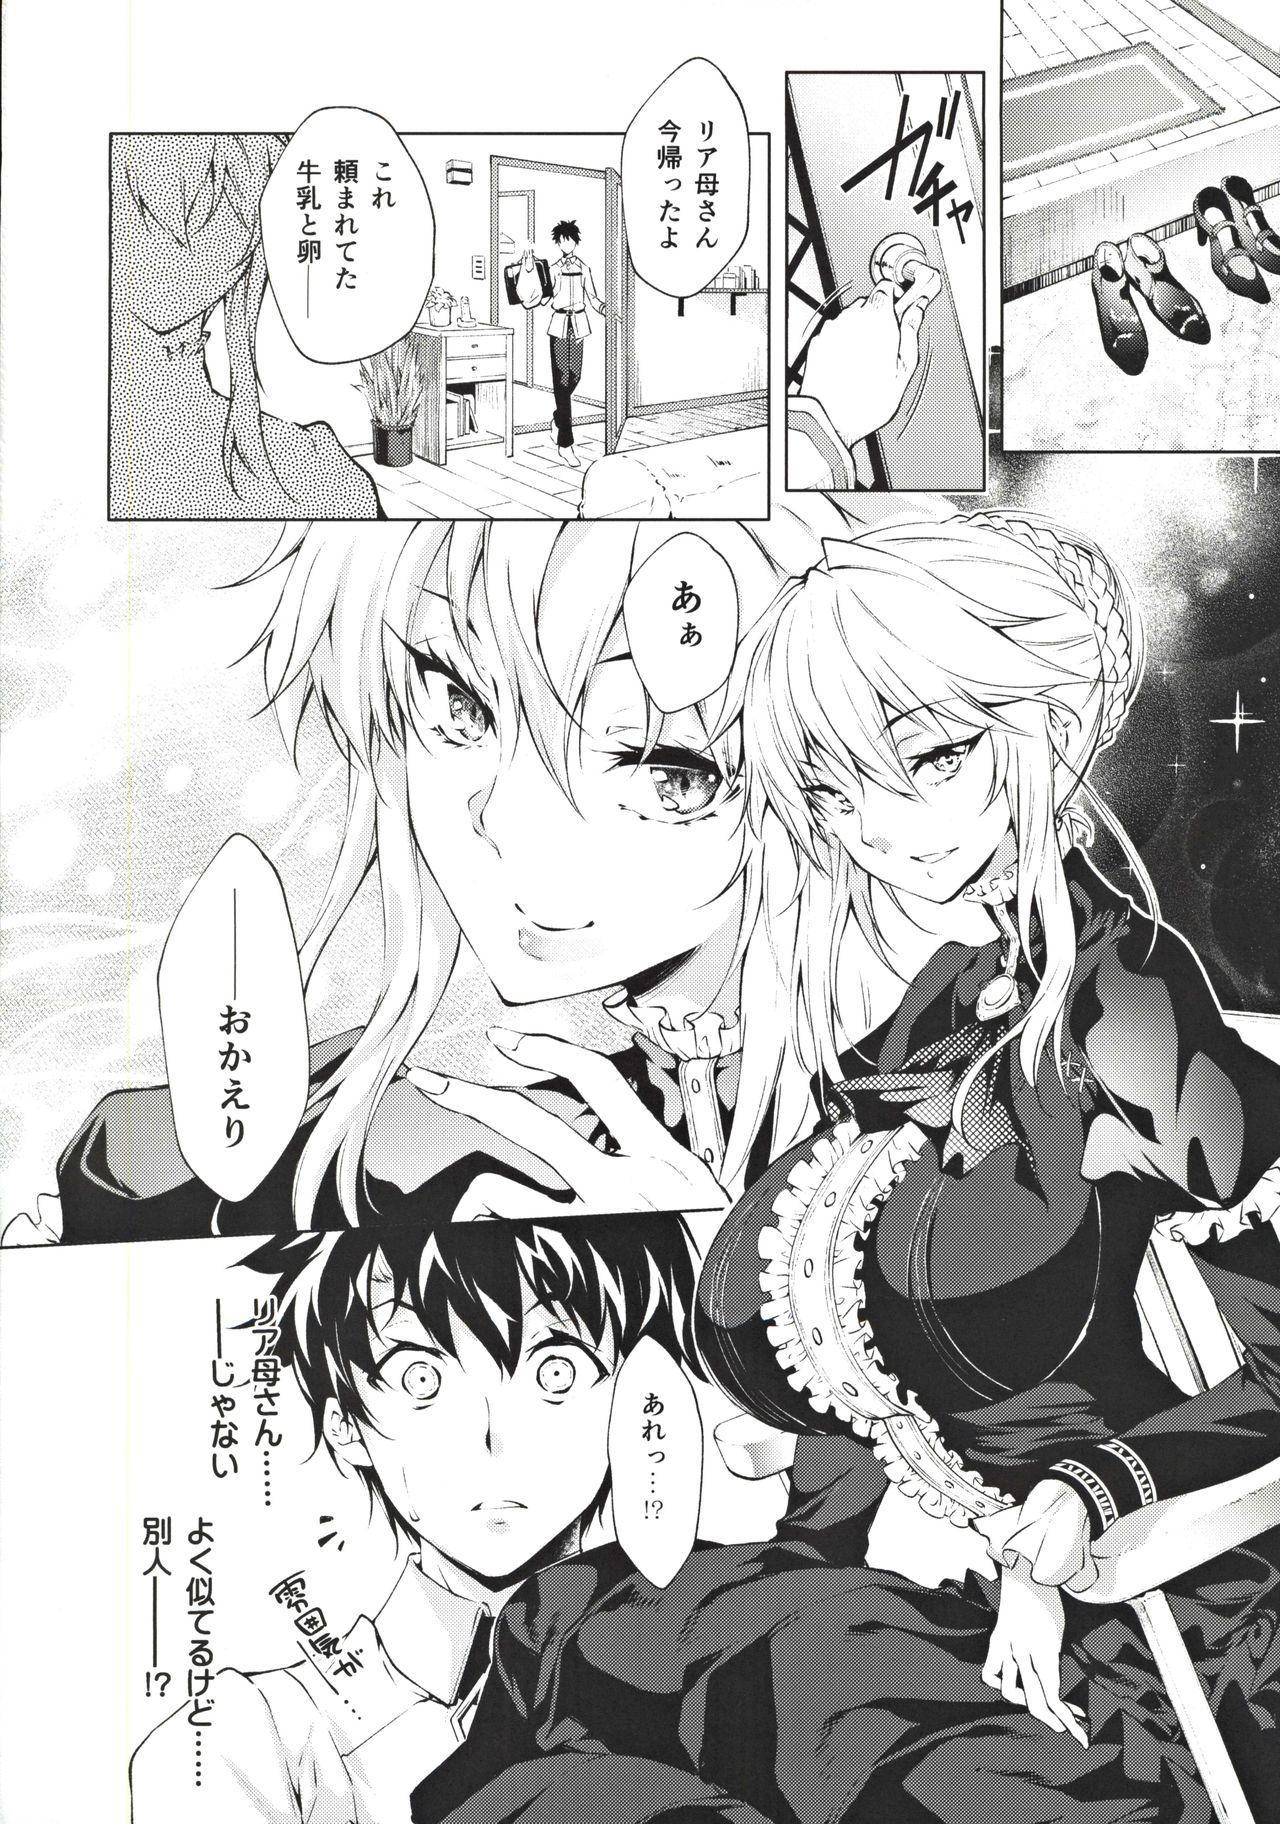 Pendra Shimai no Seijijou 2